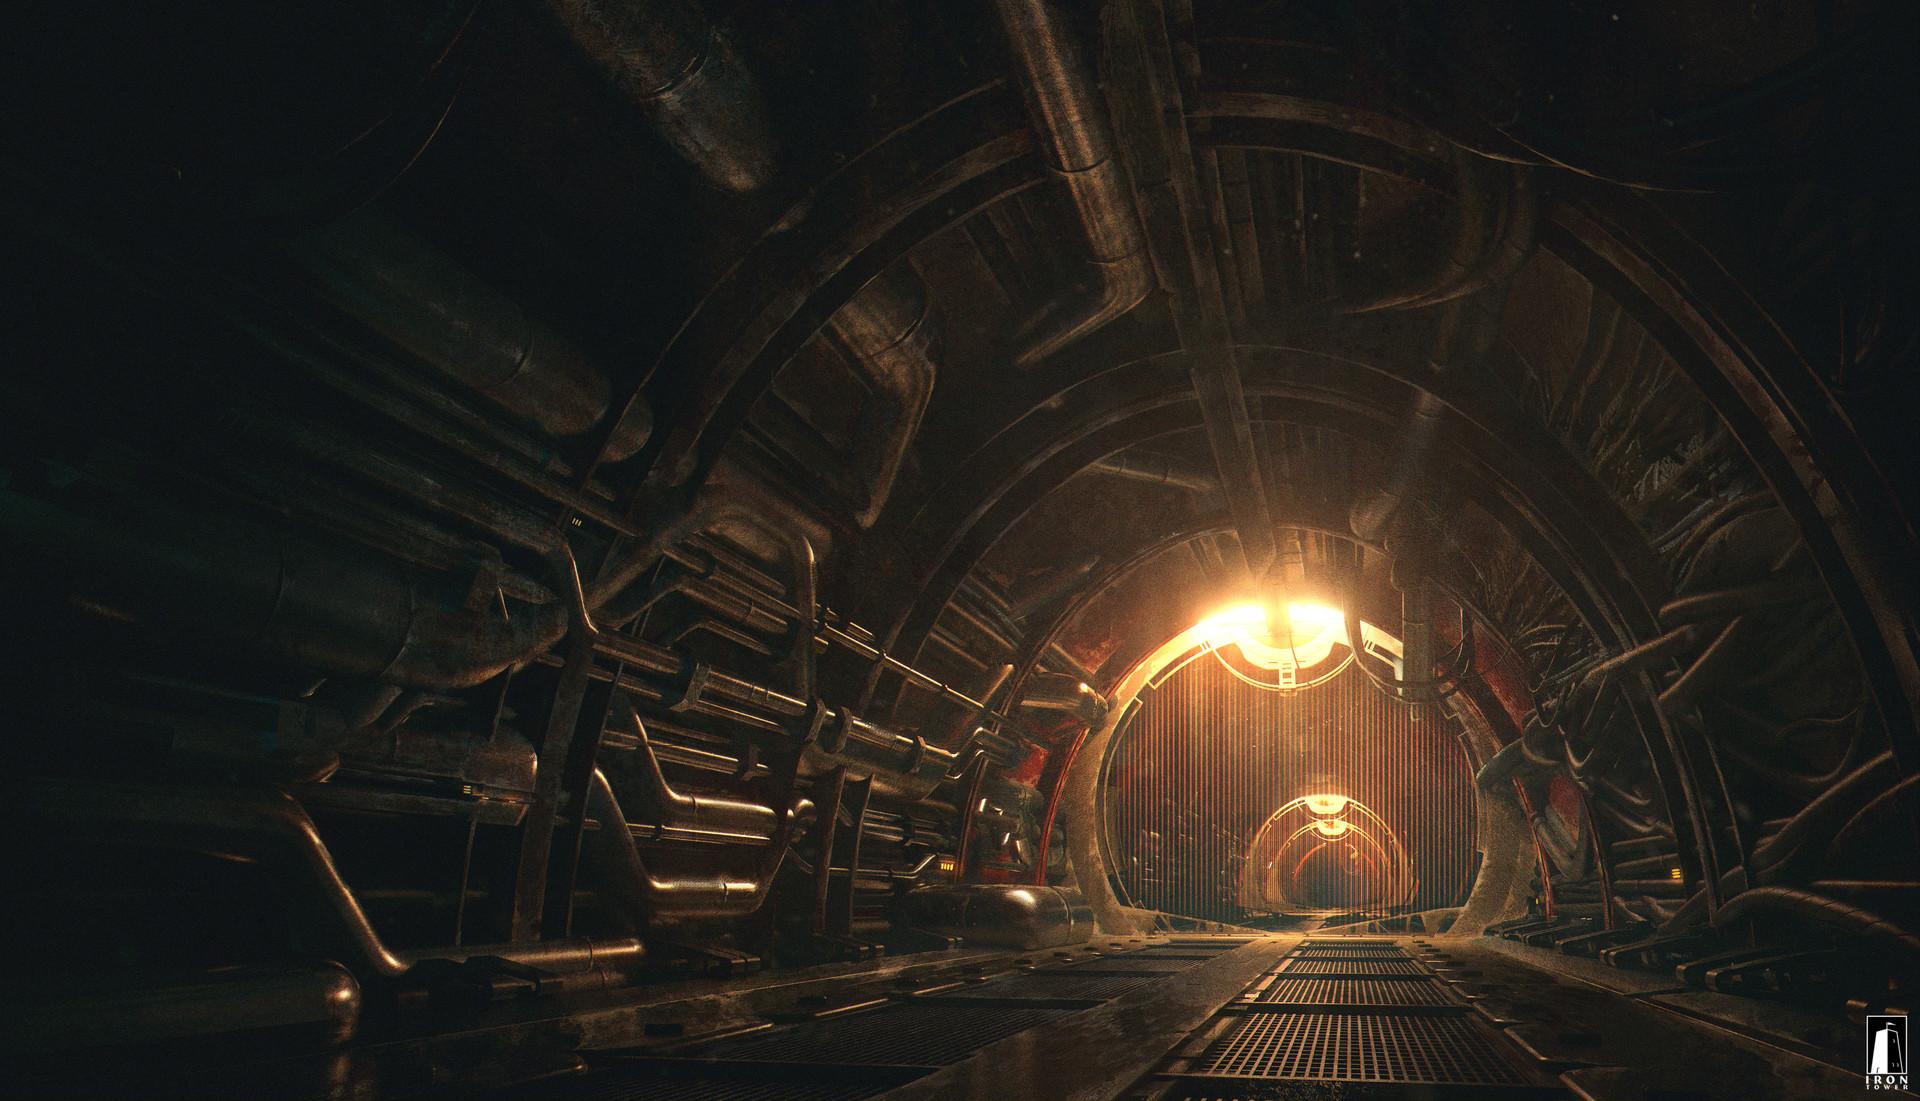 Max bedulenko maintance tunnels